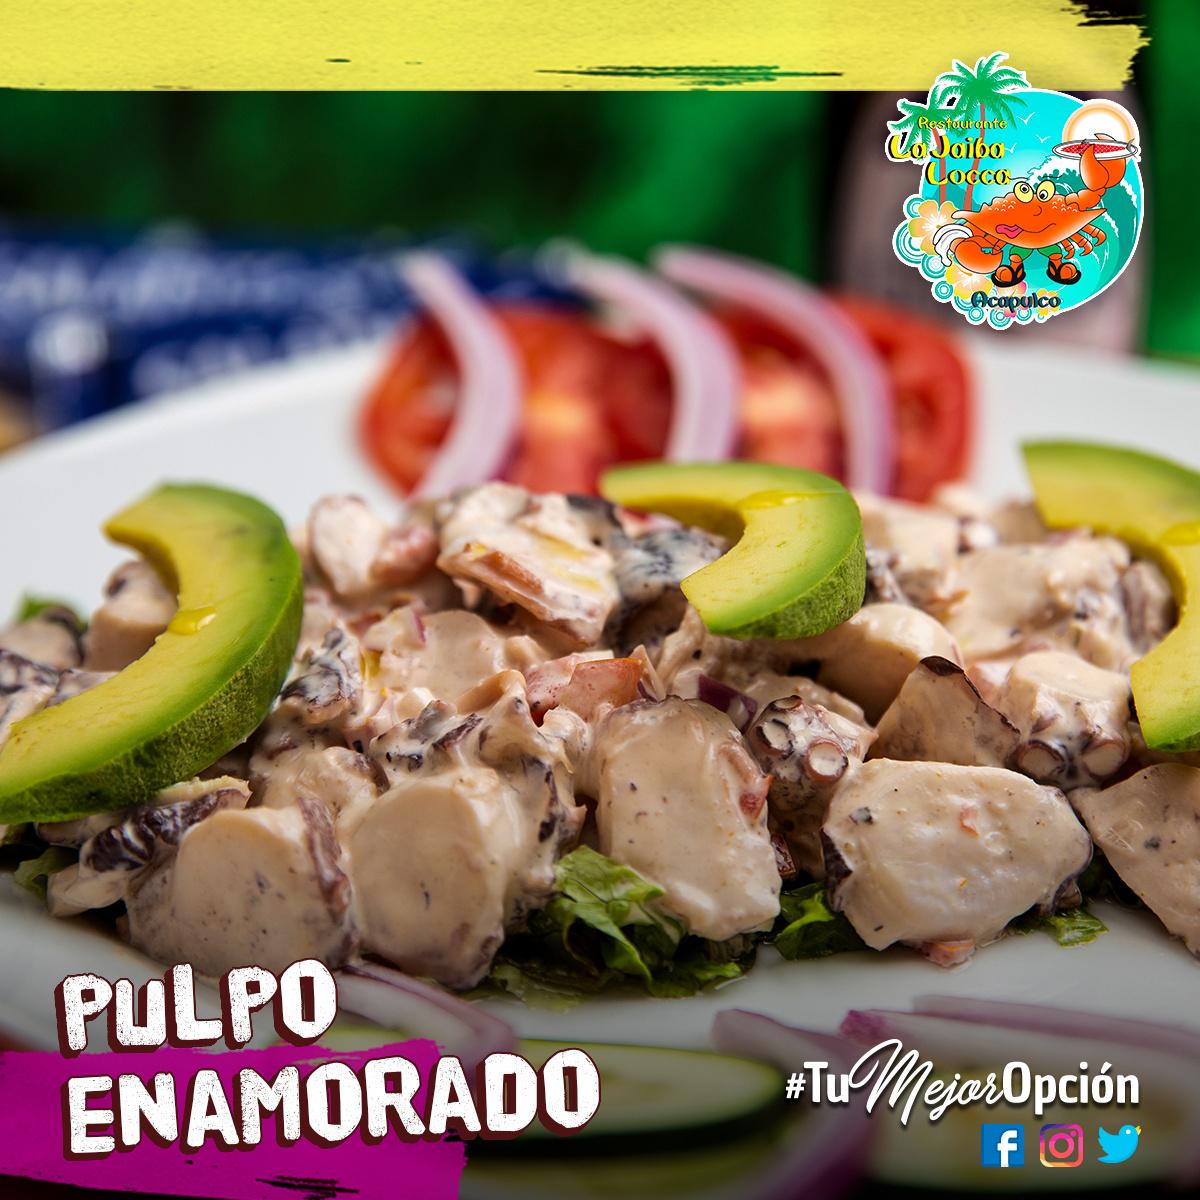 https://0201.nccdn.net/4_2/000/000/011/751/Pulpo-Enamorado-1200x1200.jpg